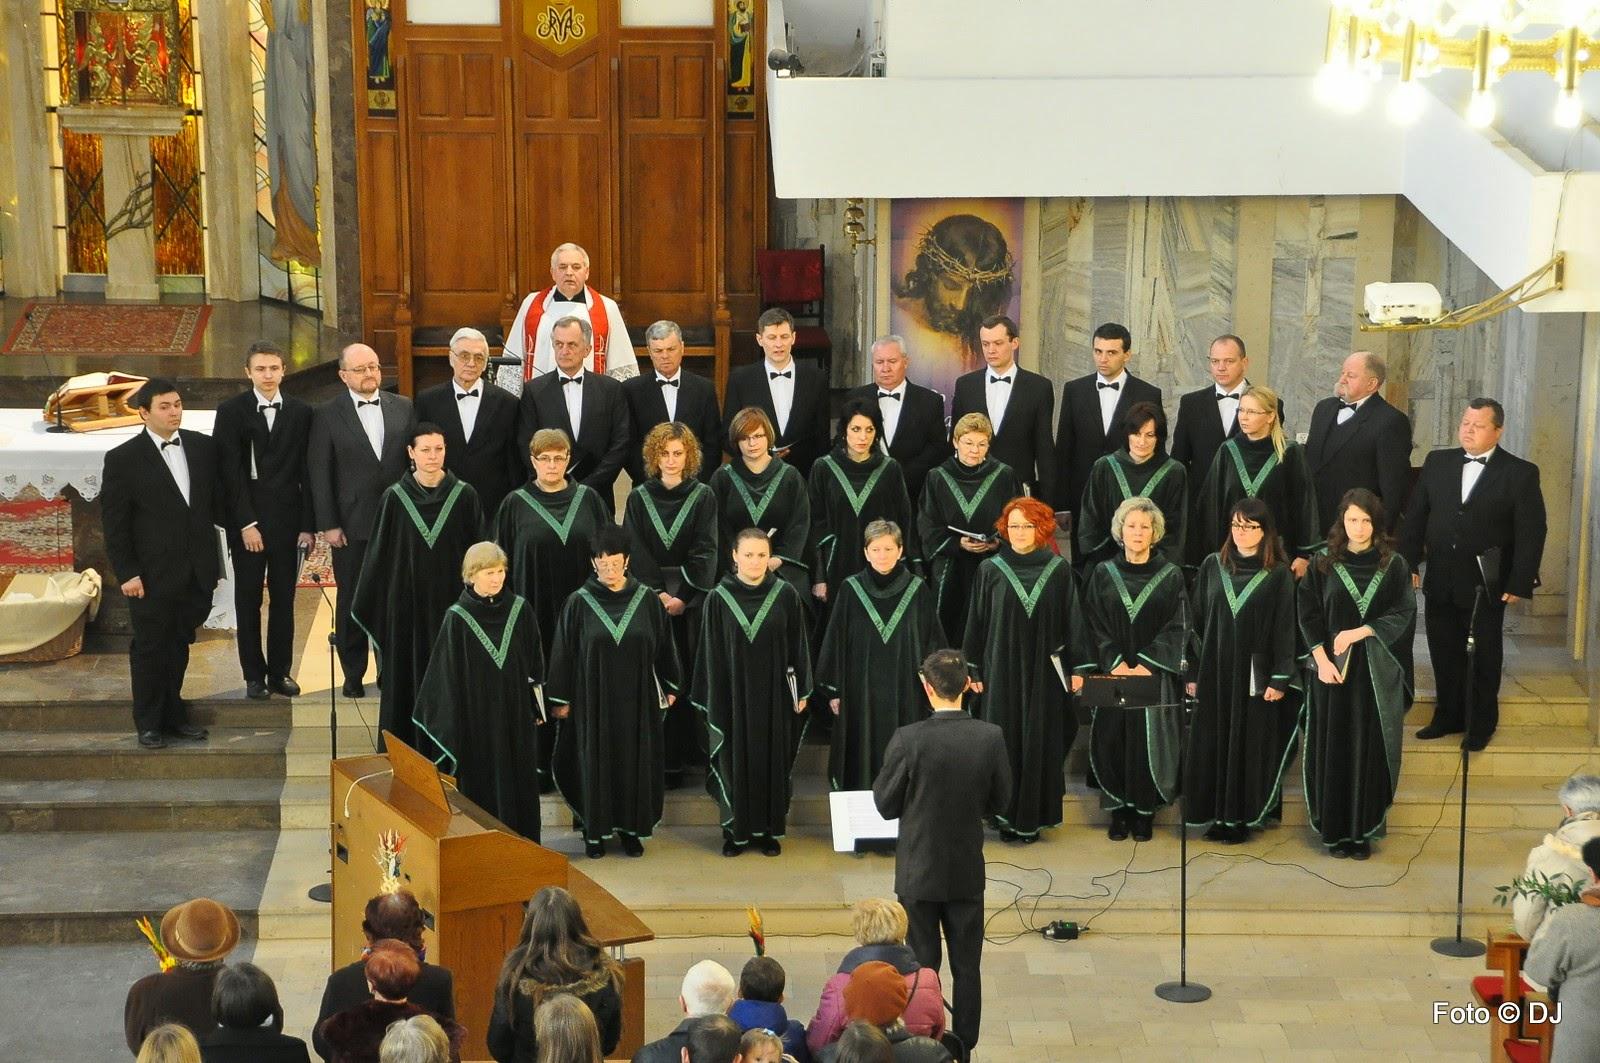 Par. Św. Rodziny w Lublinie - Niedziela Palmowa - Passio Domini Nostri Jesu Christi secundum Mathaeu